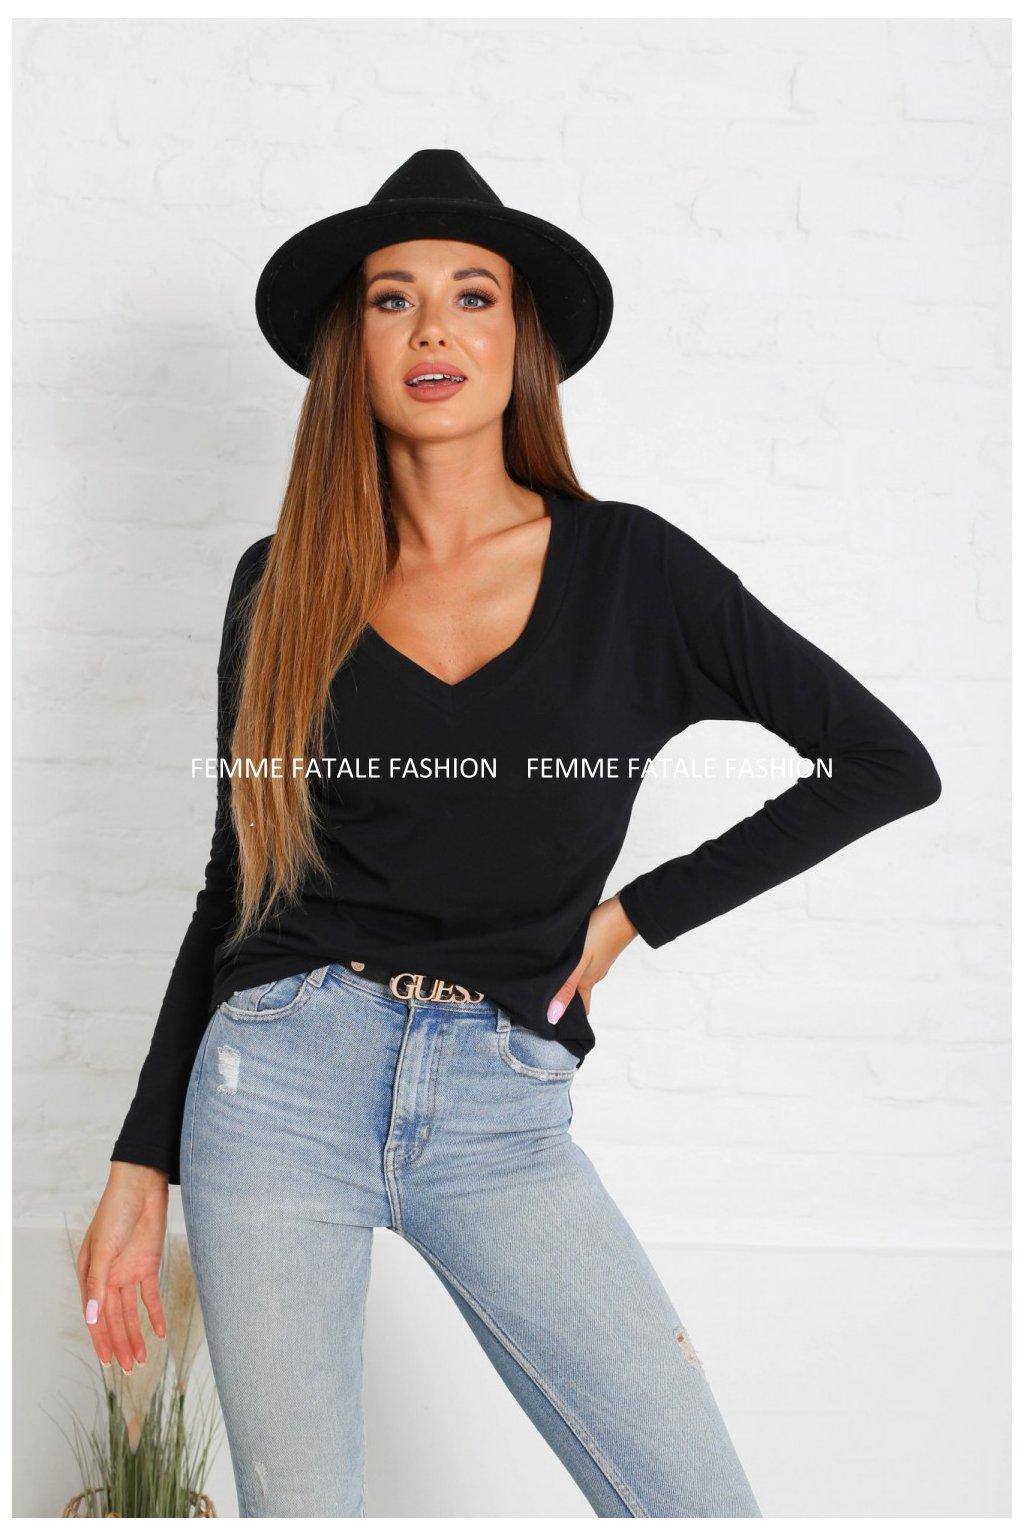 Dámské tričko V NECK s dlouhým rukávem femmefatalefashion (3)